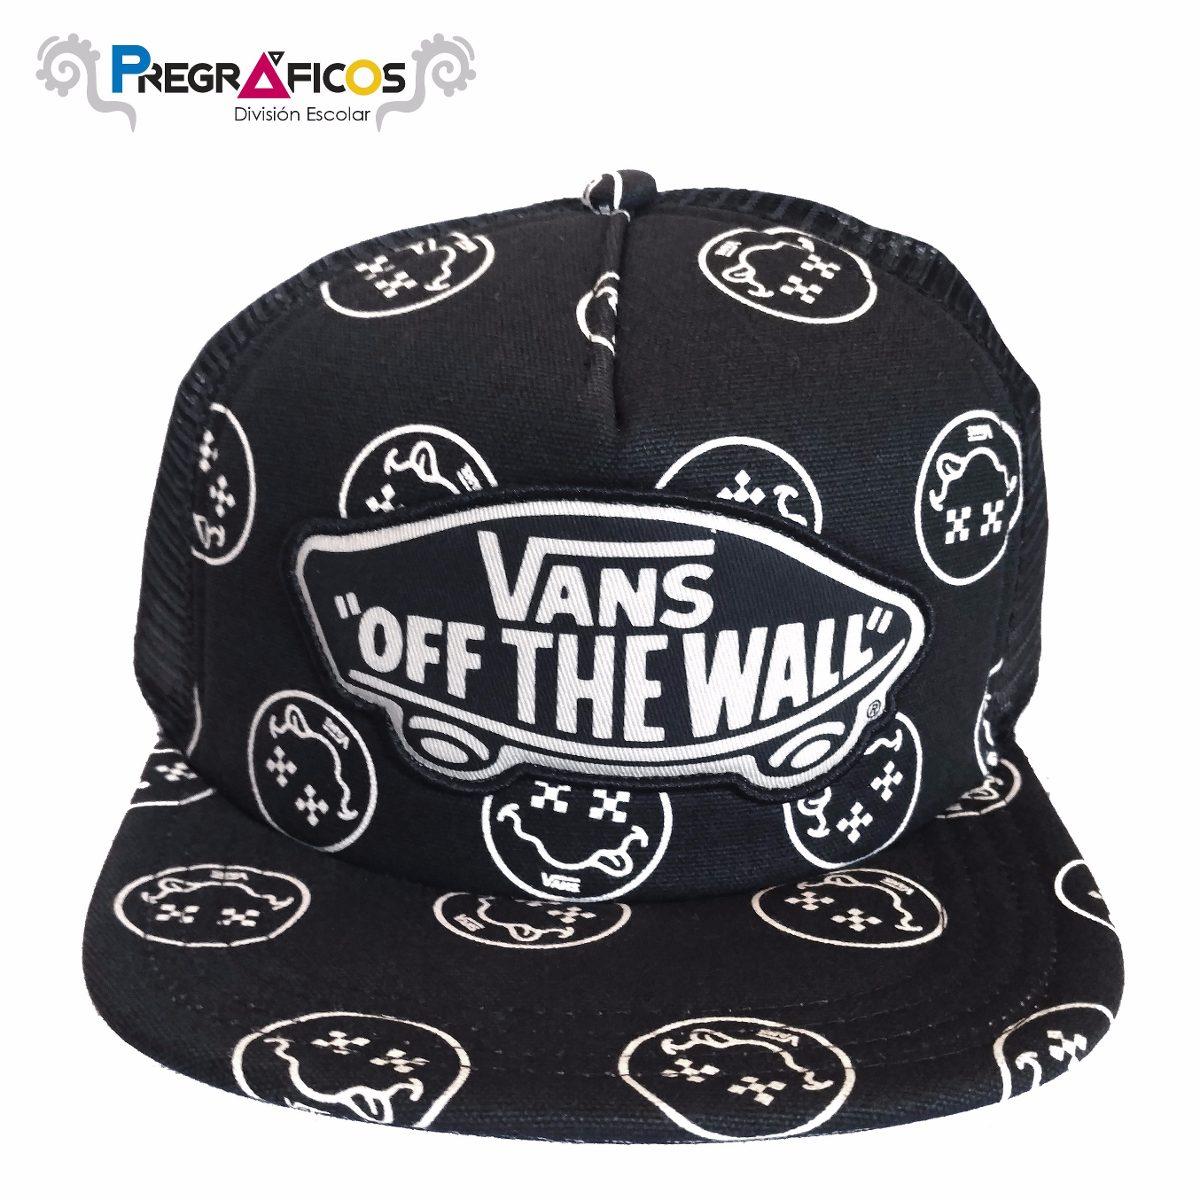 precio de gorras vans Online   Hasta que 76% OFF descuento f1a62e7967b